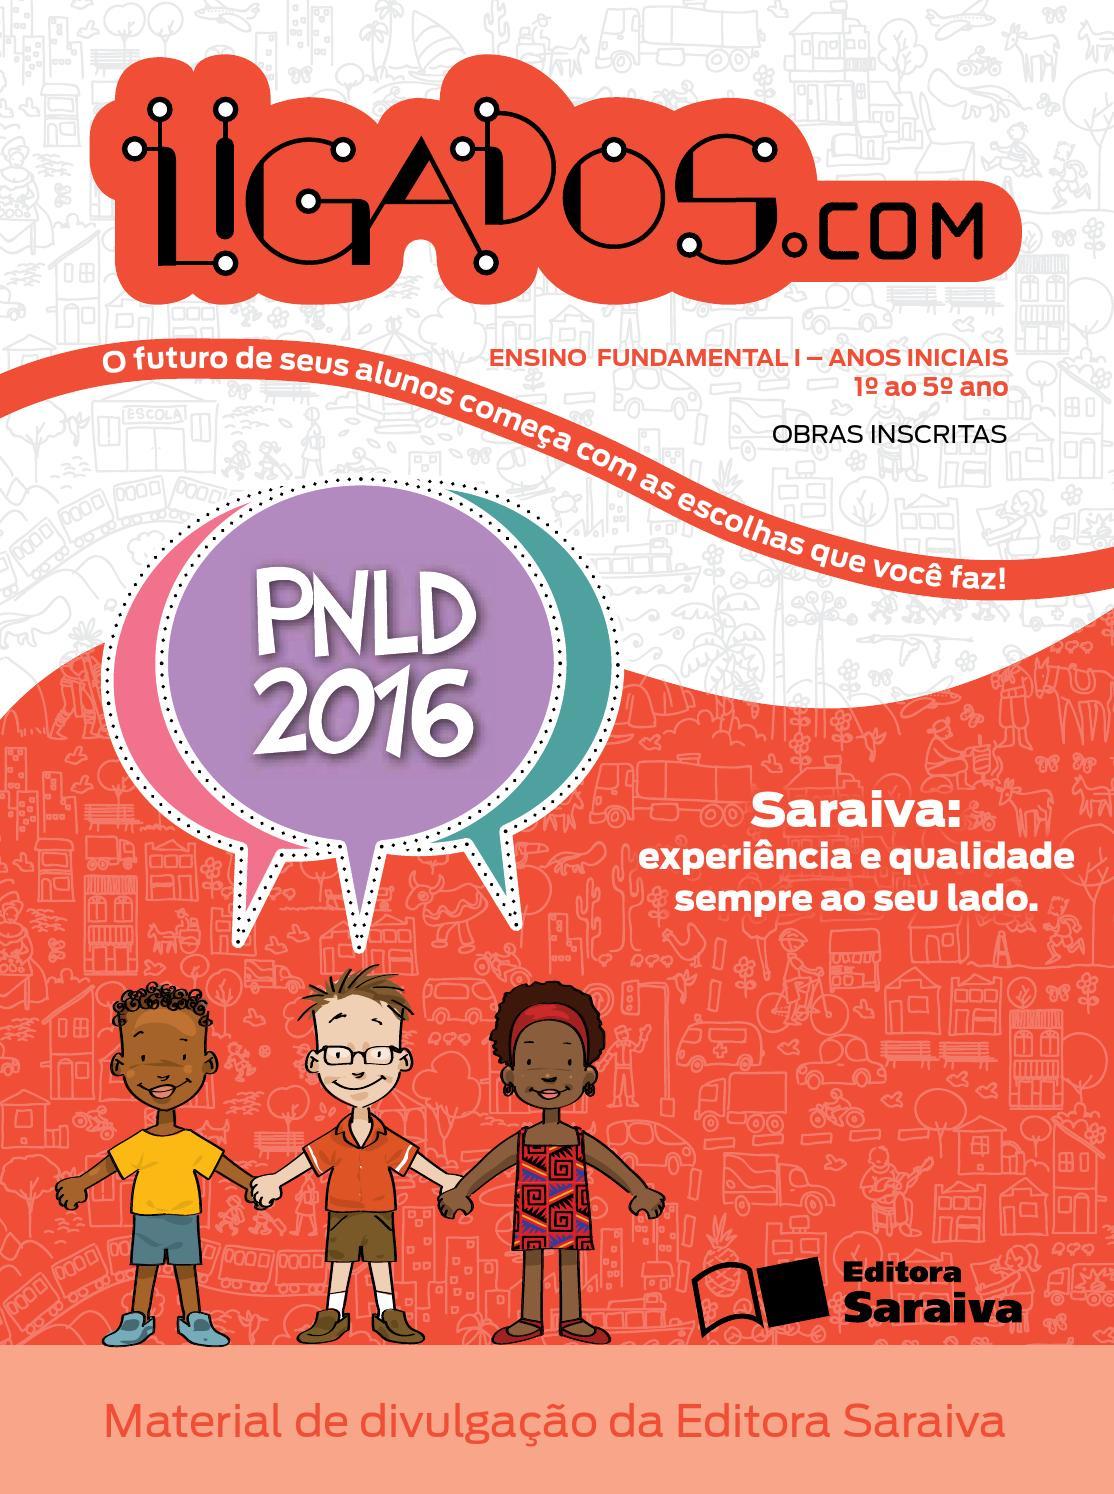 f1e5f1b19dfc0 Projeto Ligados.com - Obra inscrita no PNLD 2016 by Saraiva PNLD 2016 -  issuu